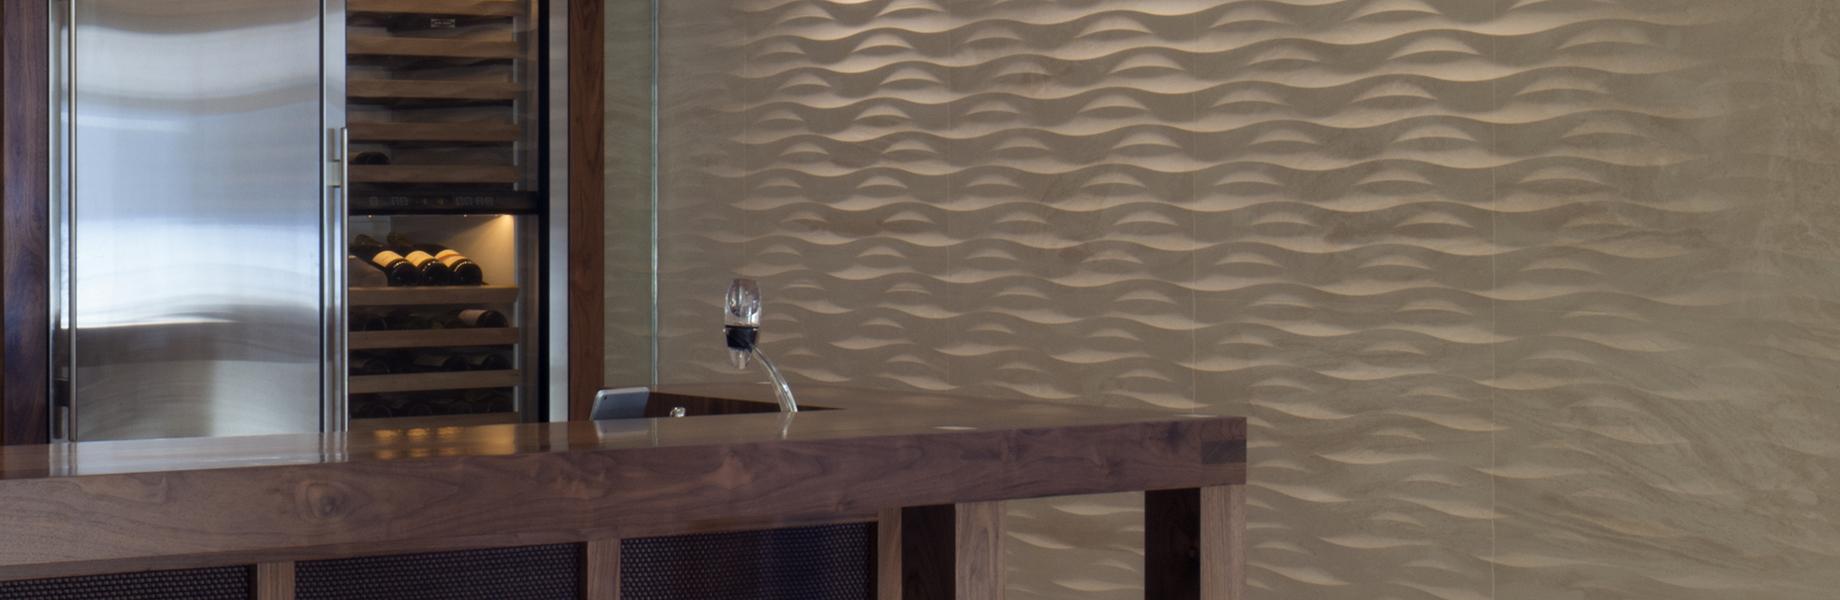 Lithos_Design_fondo_moduli tridimensionali in pietra